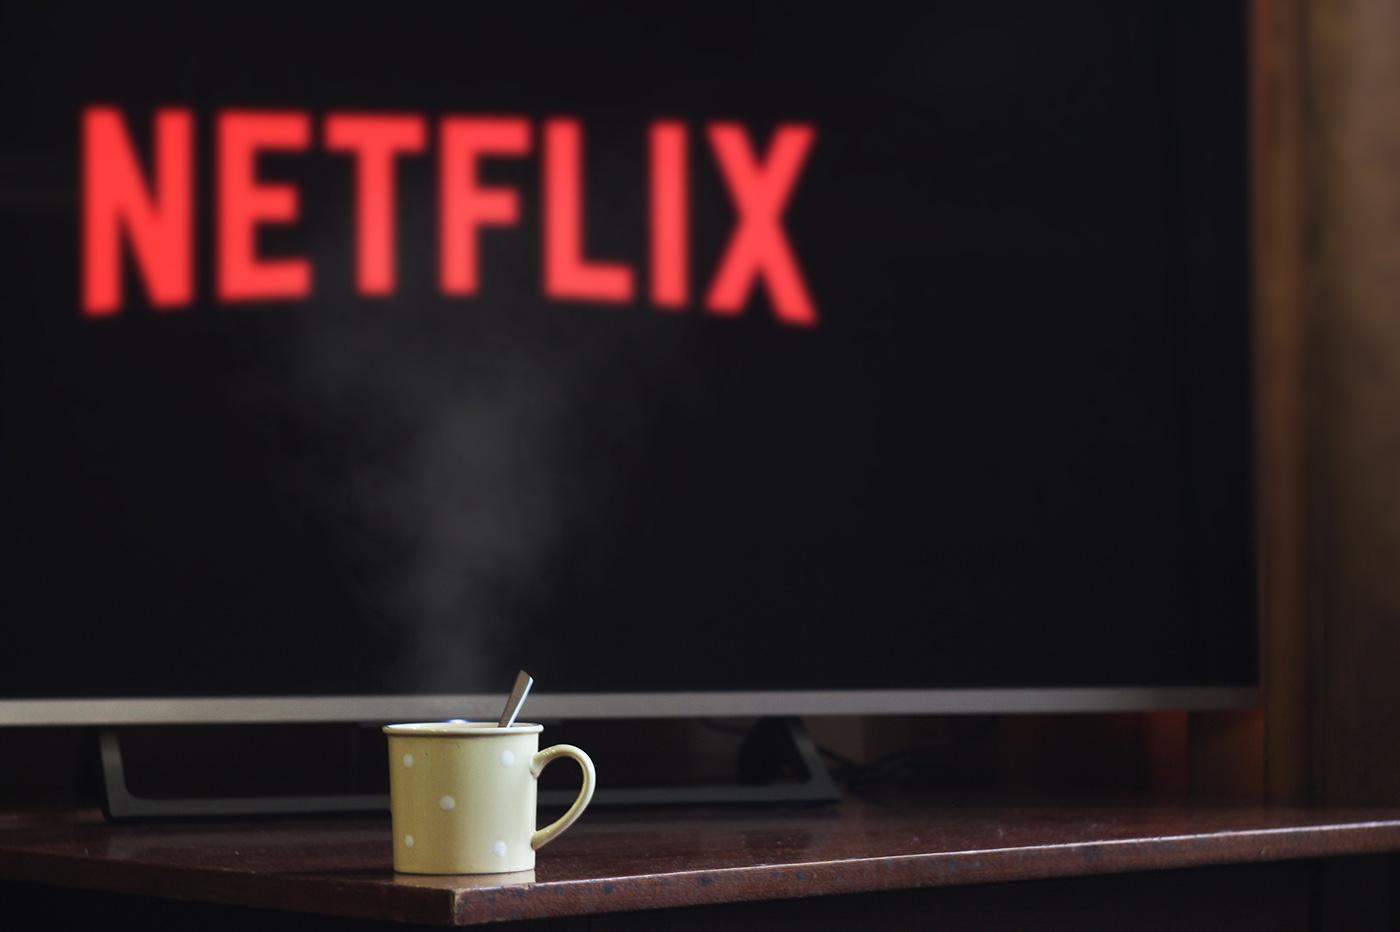 Le coup de génie de Netflix qui ridiculise les méthodes de ses concurrents